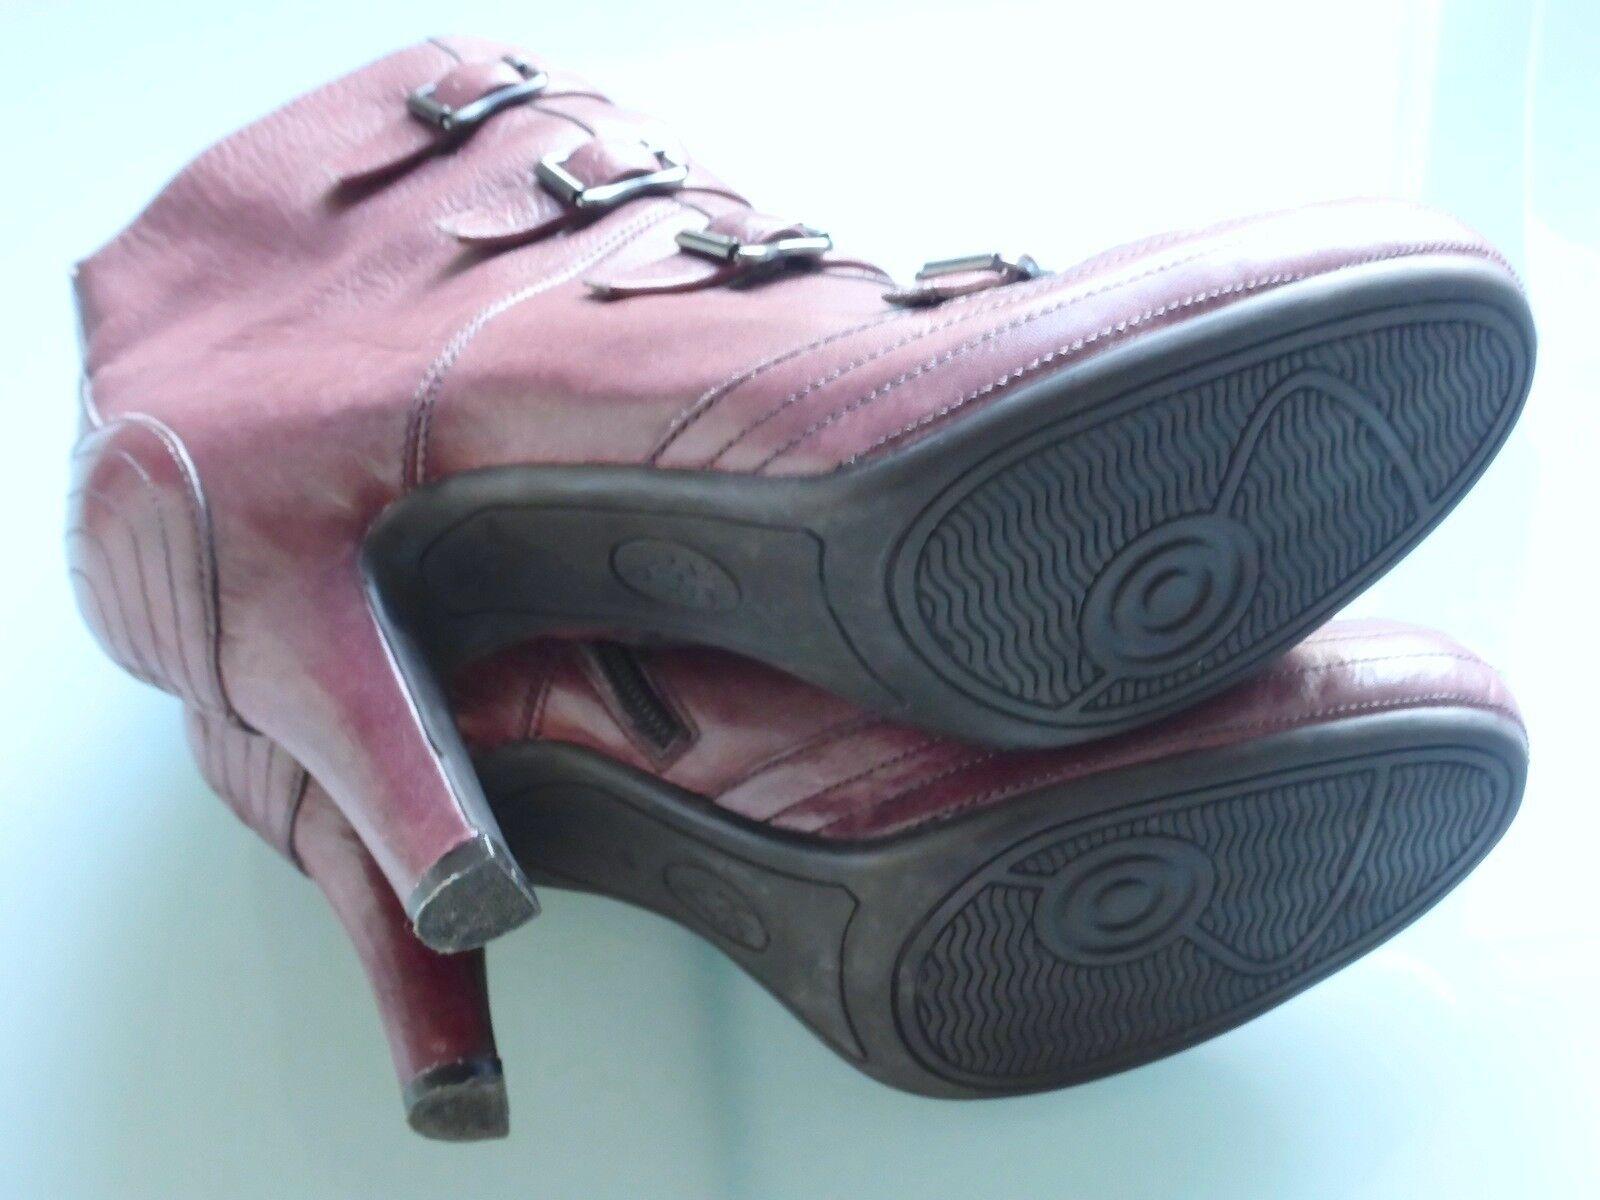 Ash-botines ancle botas, hebillas, Plateau, uva berenjena 41, casi nuevo nuevo nuevo 3a50f2